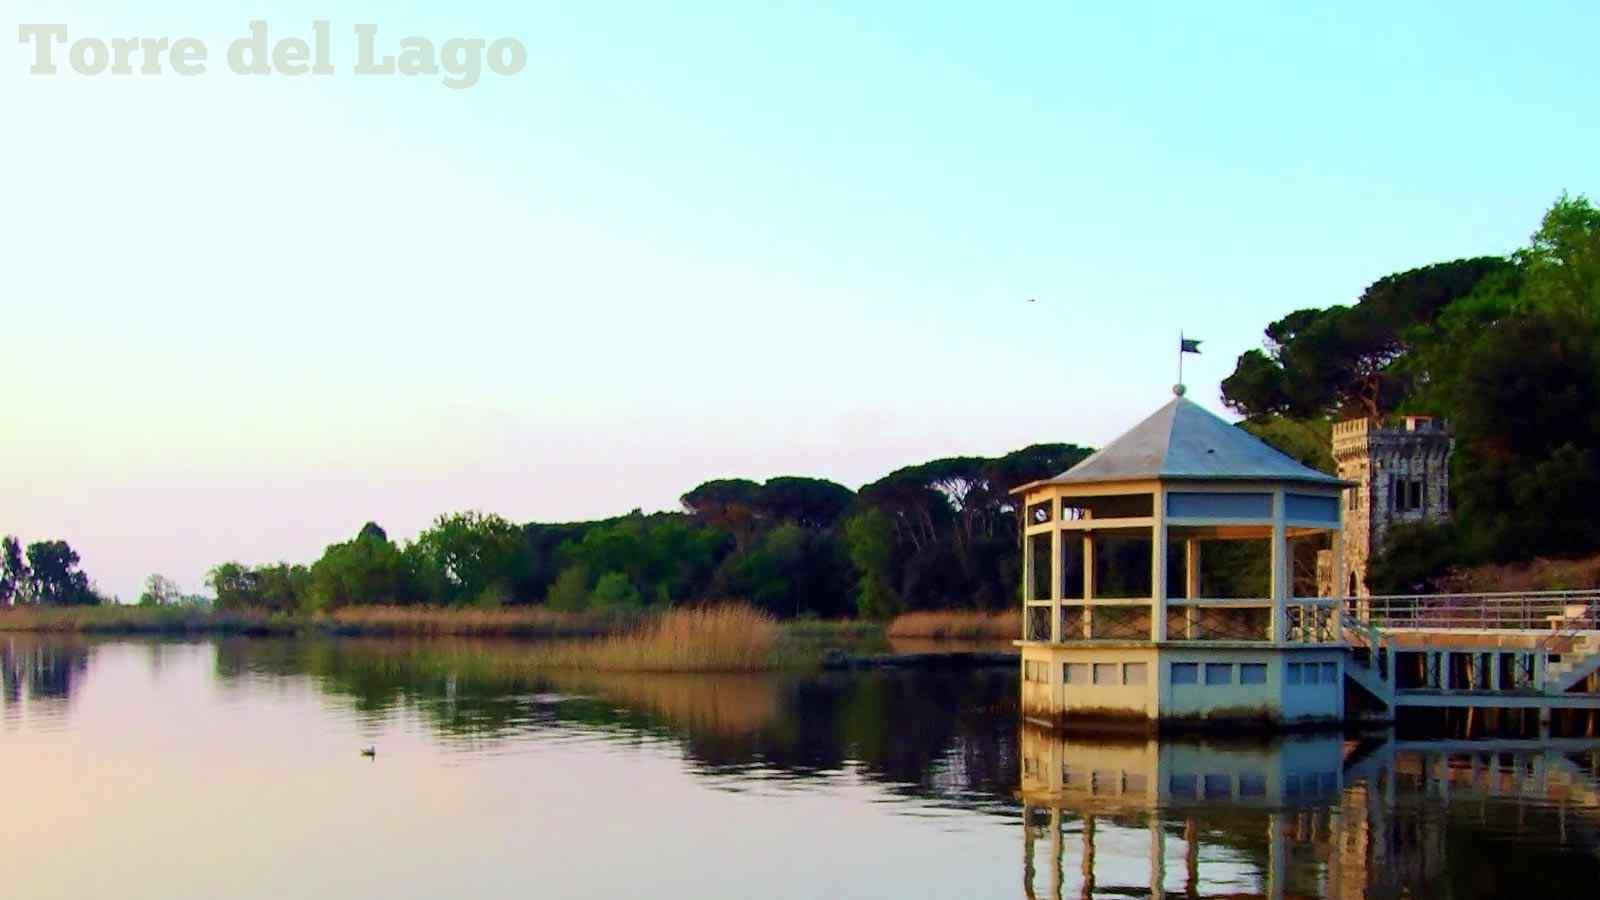 Image Torre del Lago